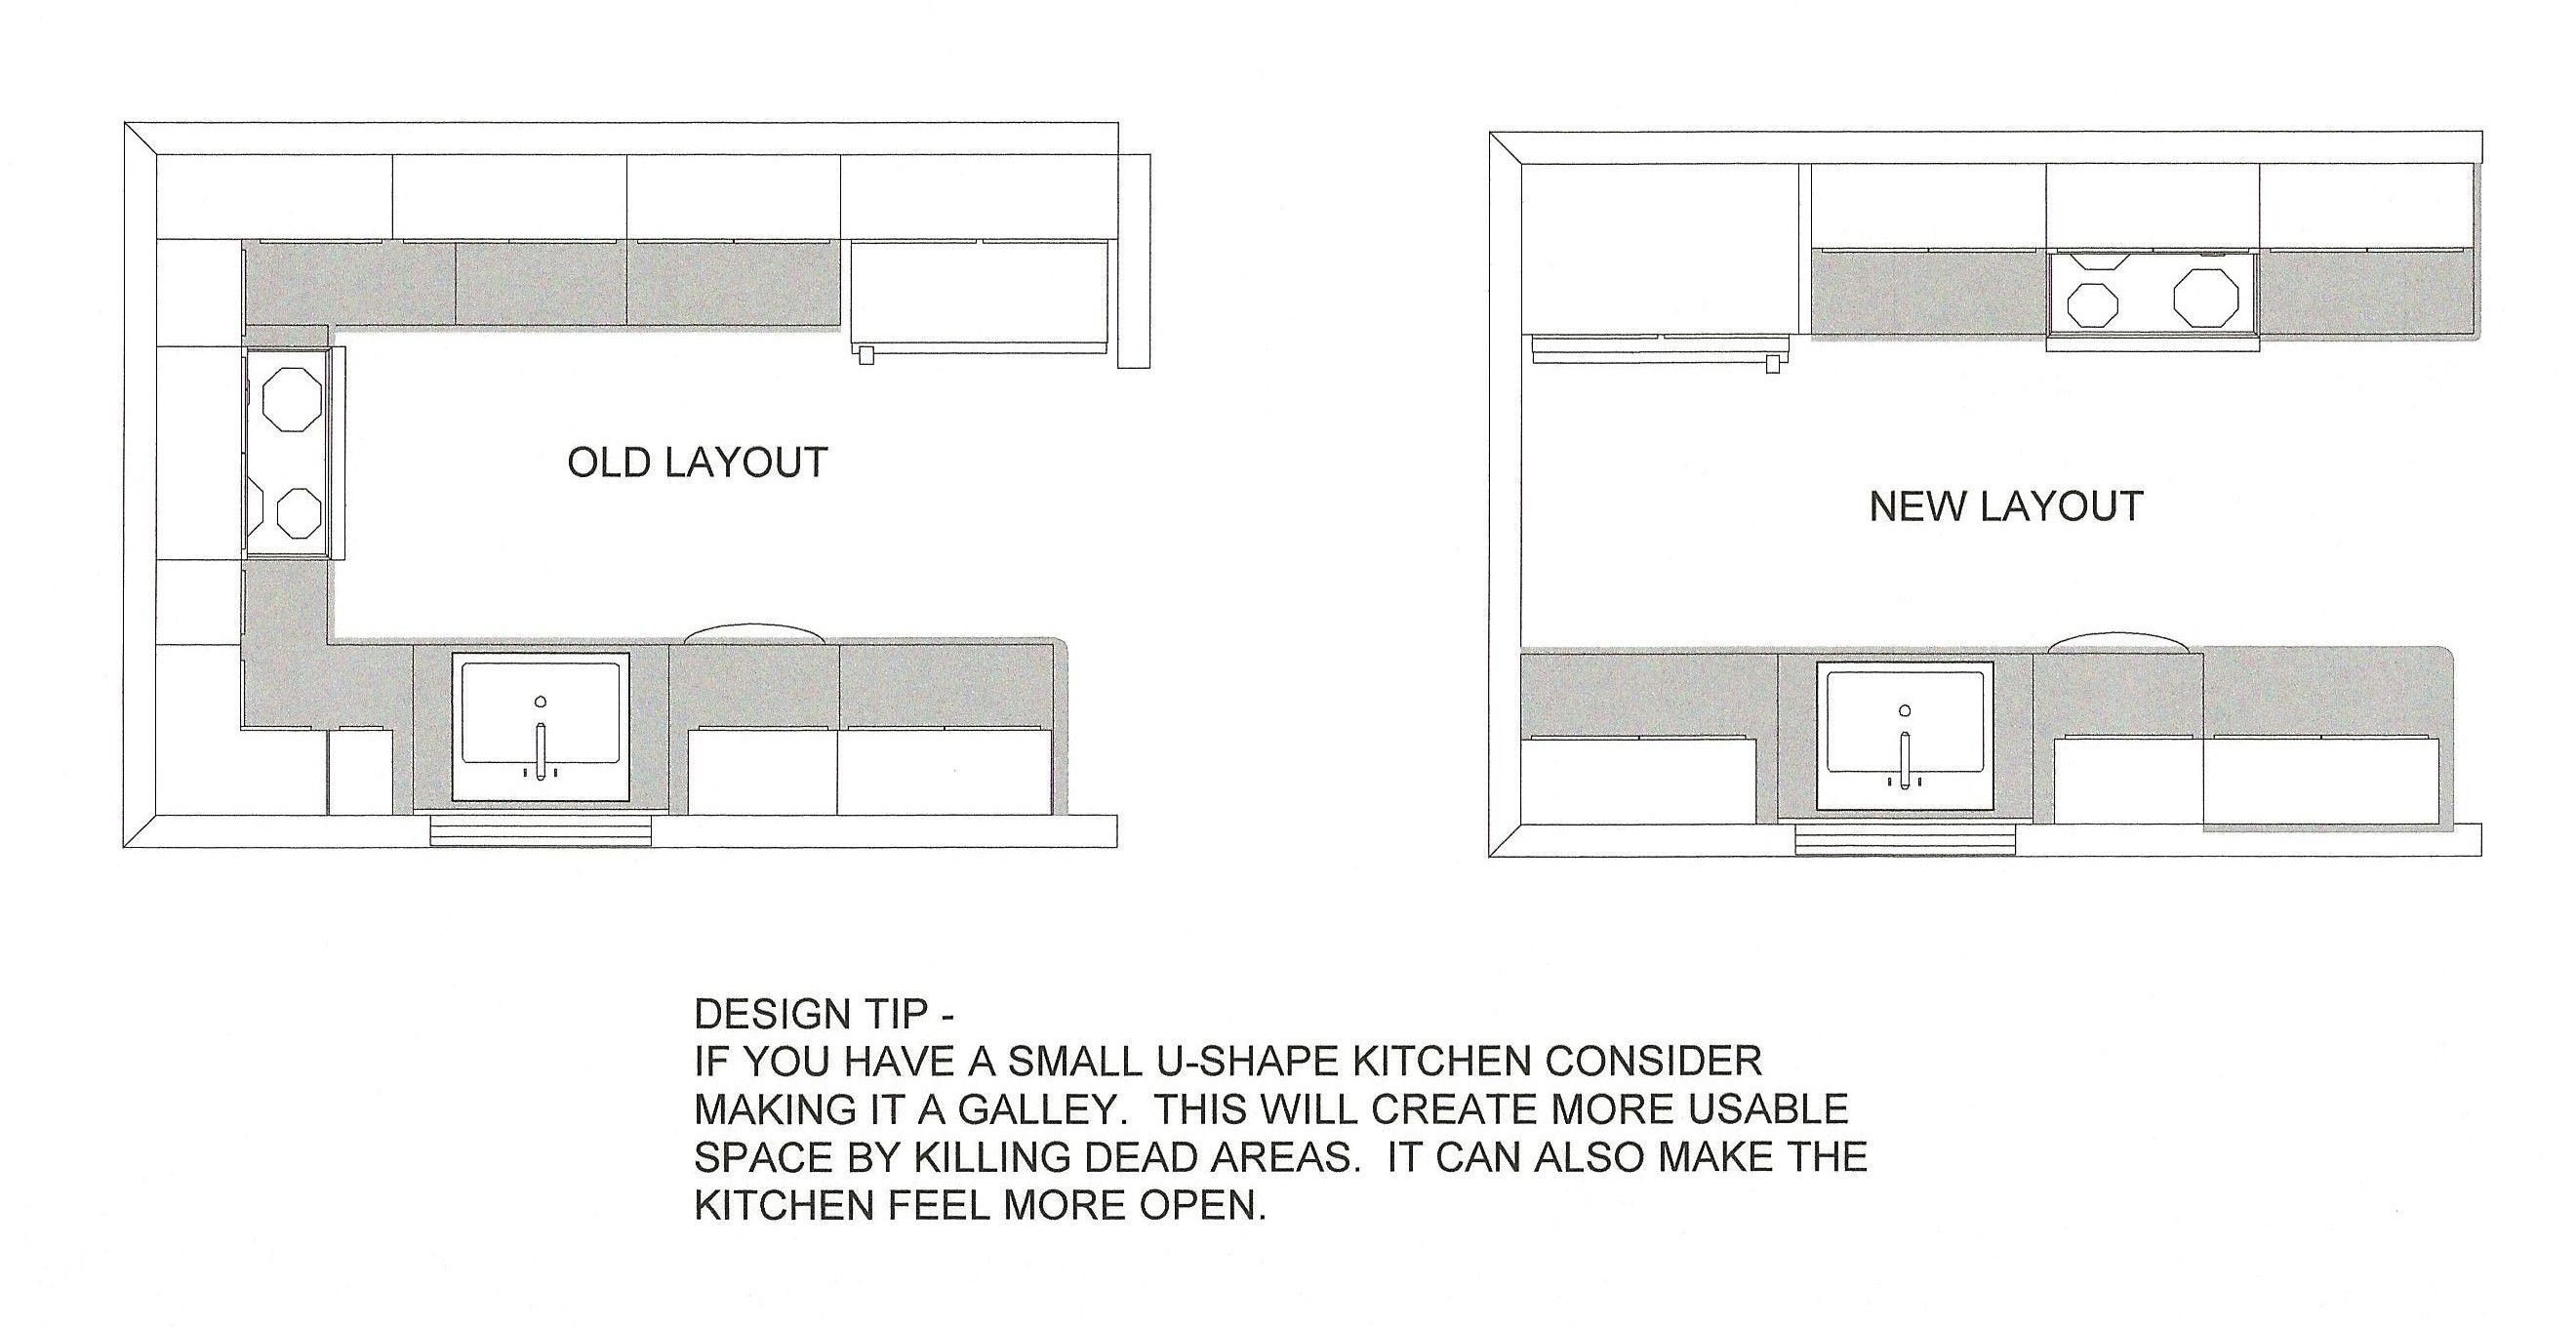 Galley Kitchen Layout Designs Narrow U Shaped Kitchen Designs  Google Search  706  Pinterest